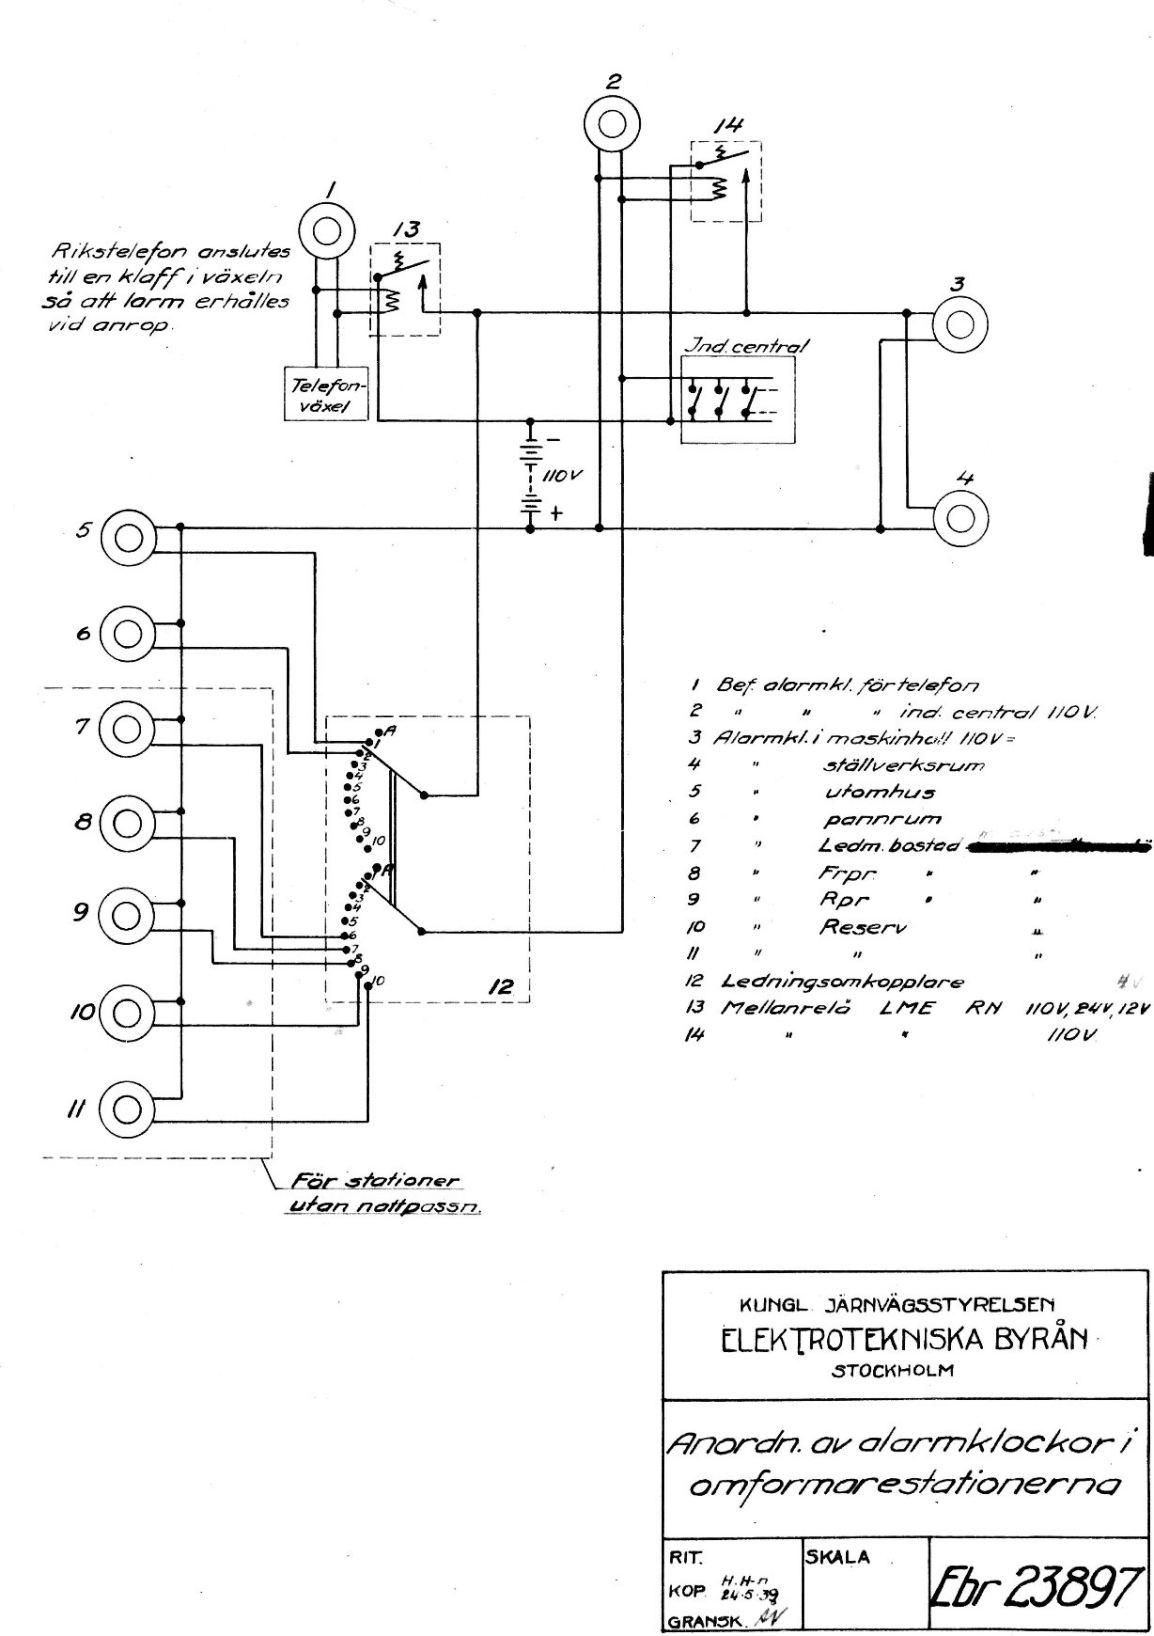 Ausgezeichnet Kabeldiagramm Amps Bilder - Schaltplan-Ideen - mesoul.info